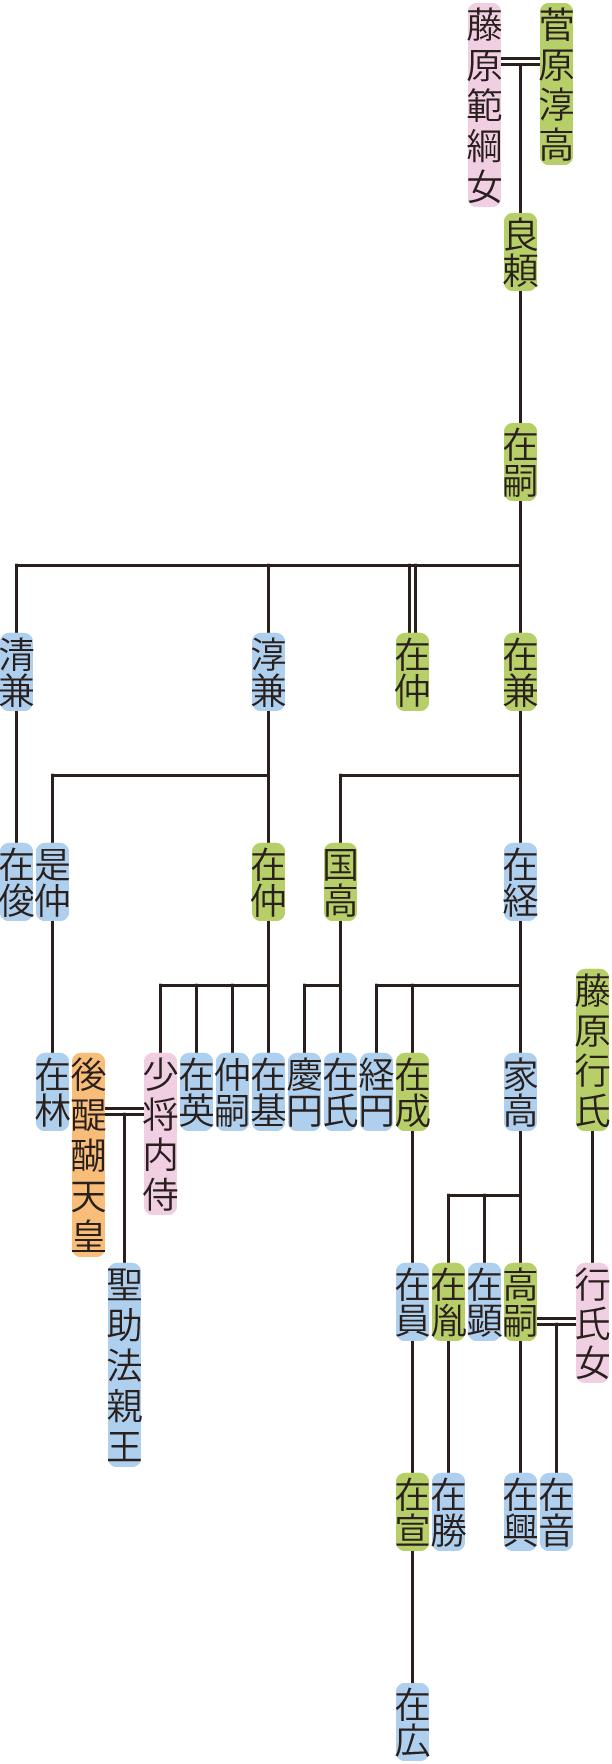 菅原在嗣の系図